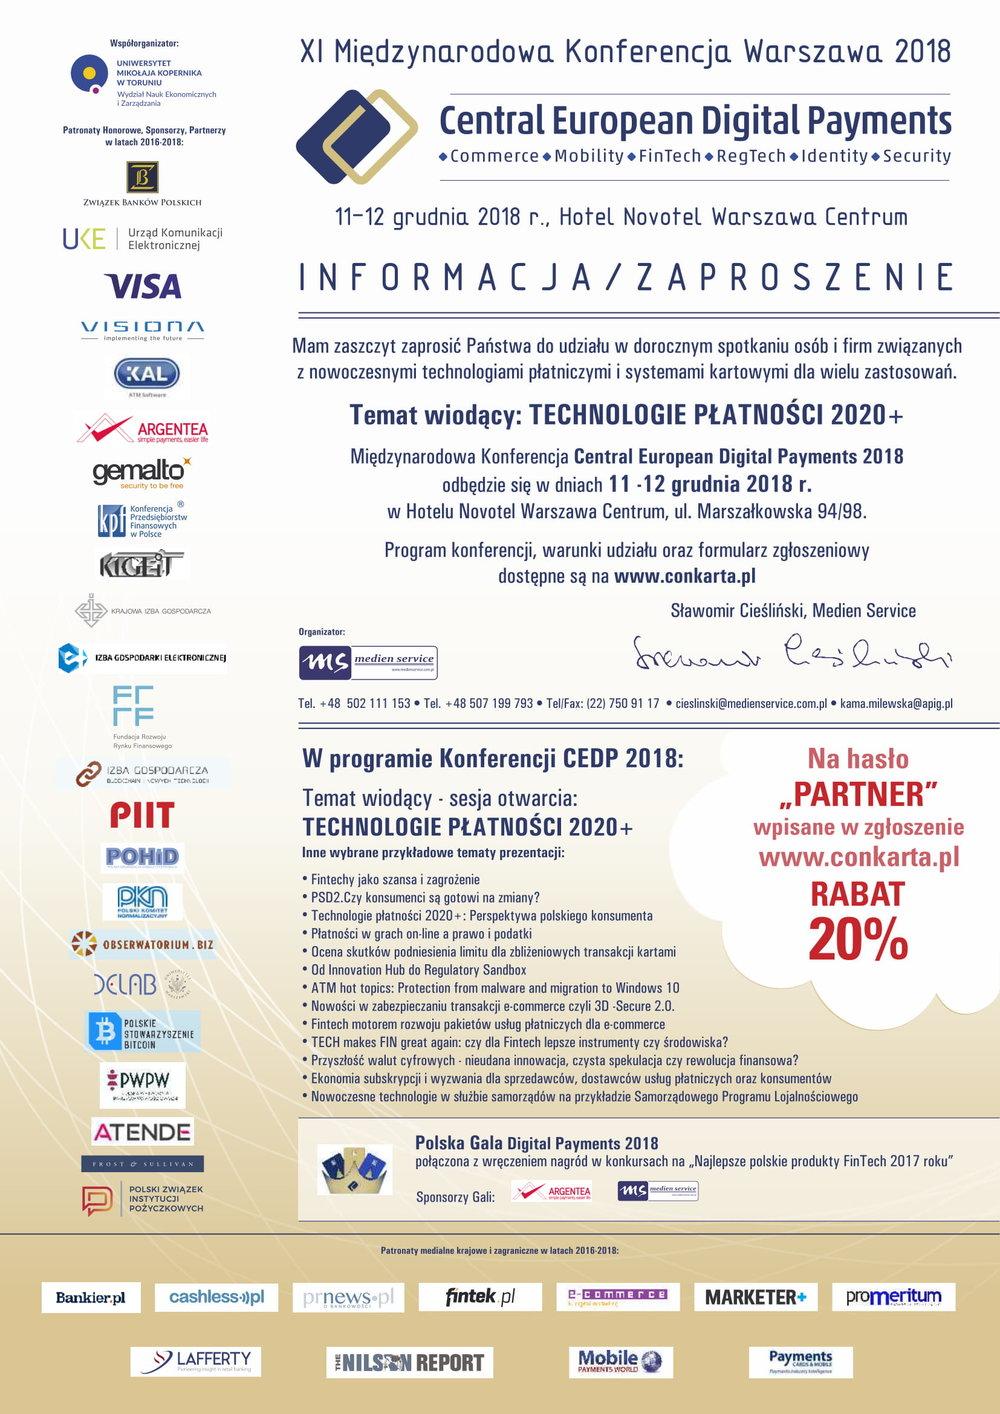 CEDP-2018_info_zaproszenie_RABAT (1)-1.jpg